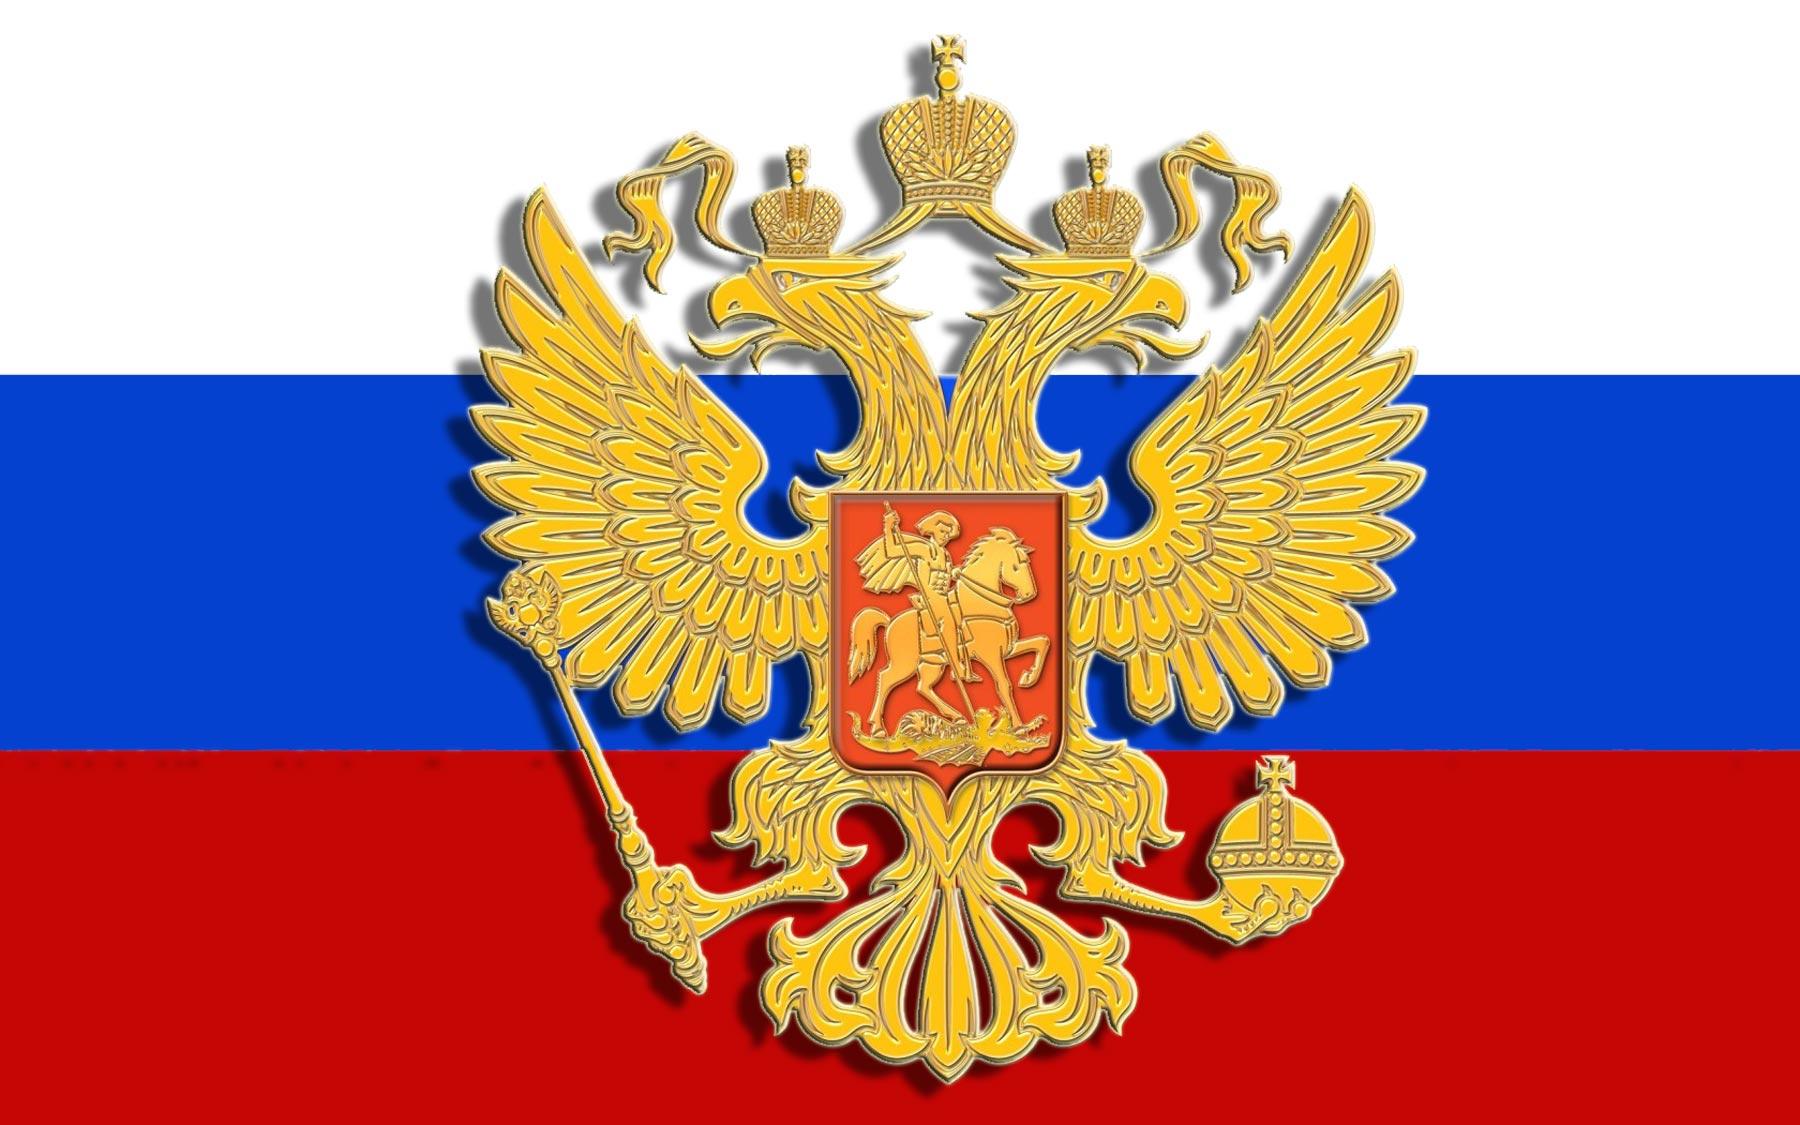 موسكو ترفض انتقادات واشنطن وعواصم غربية أخرى لعملياتها في سوريا